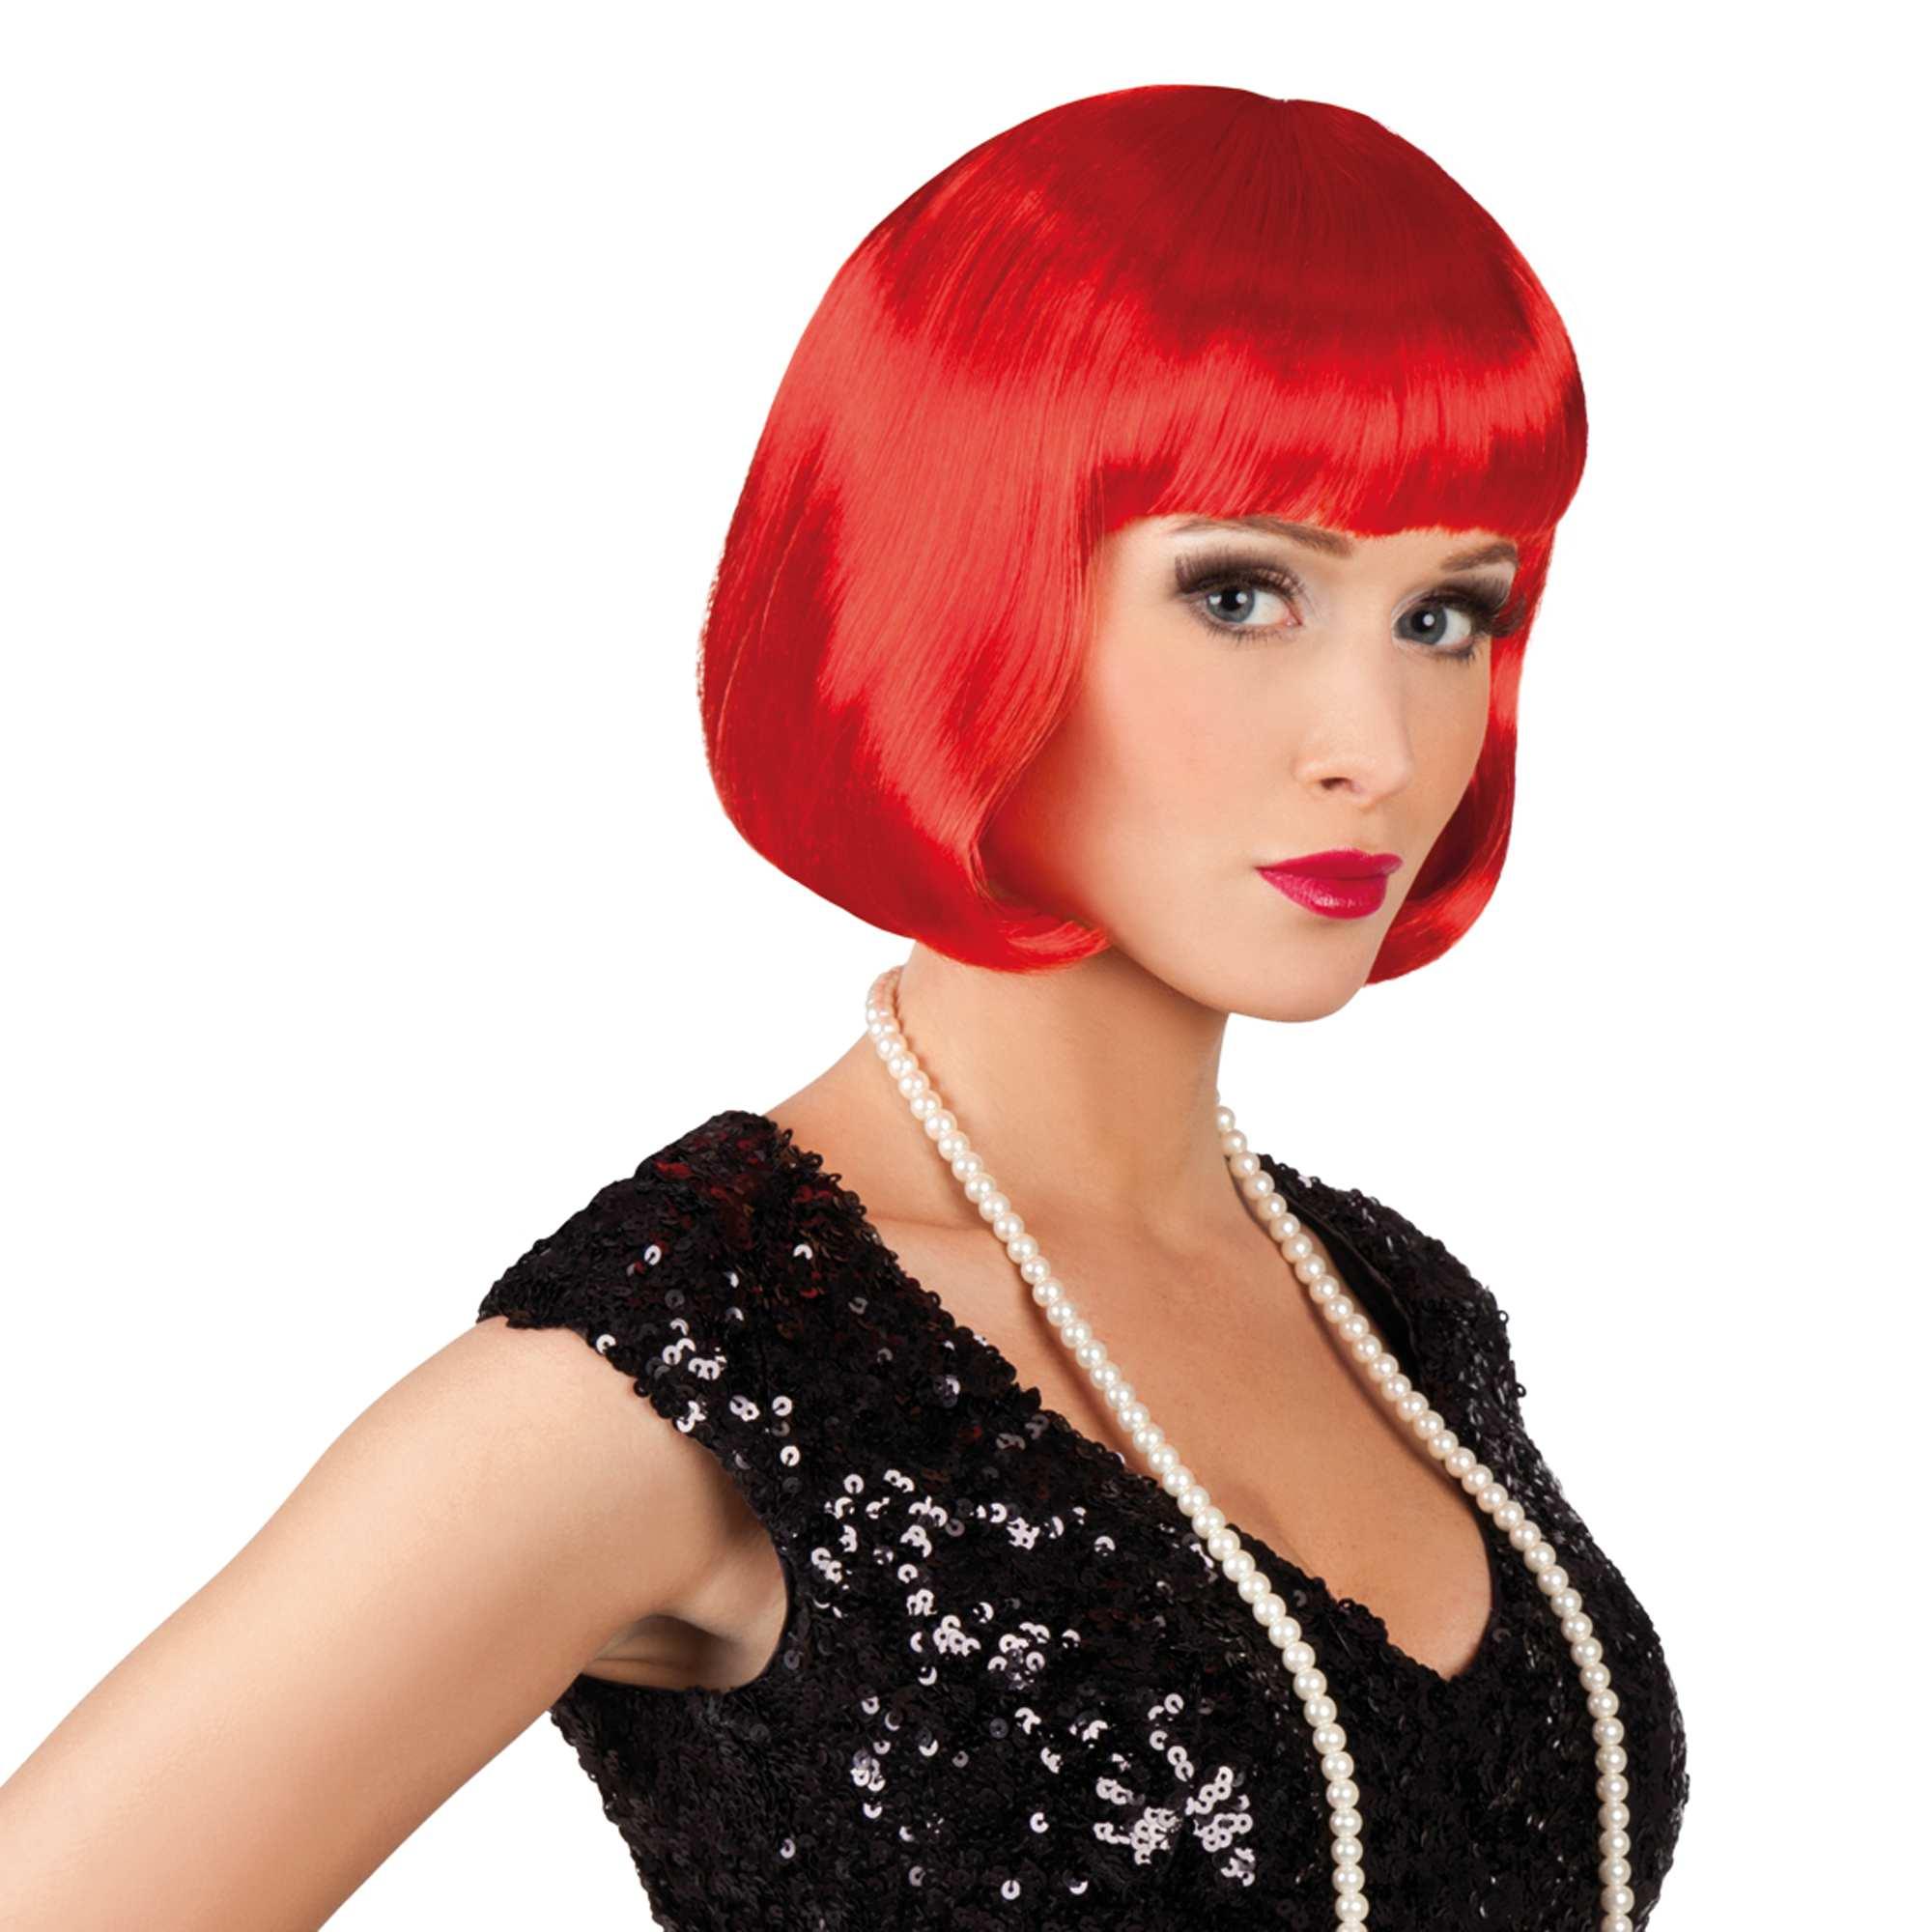 Perruque courte avec frange Accessoires - rouge - Kiabi - 6 3c6142708cb2